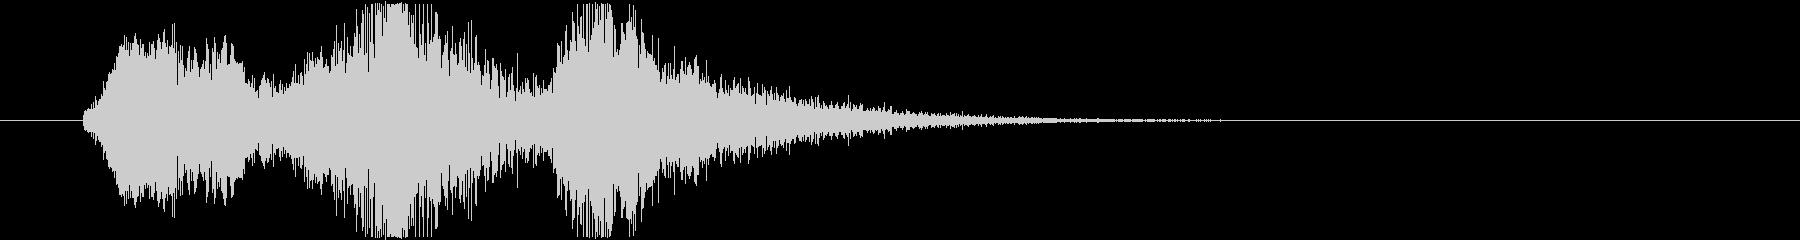 サウンドロゴ・オーケストラ(ゴージャス)の未再生の波形